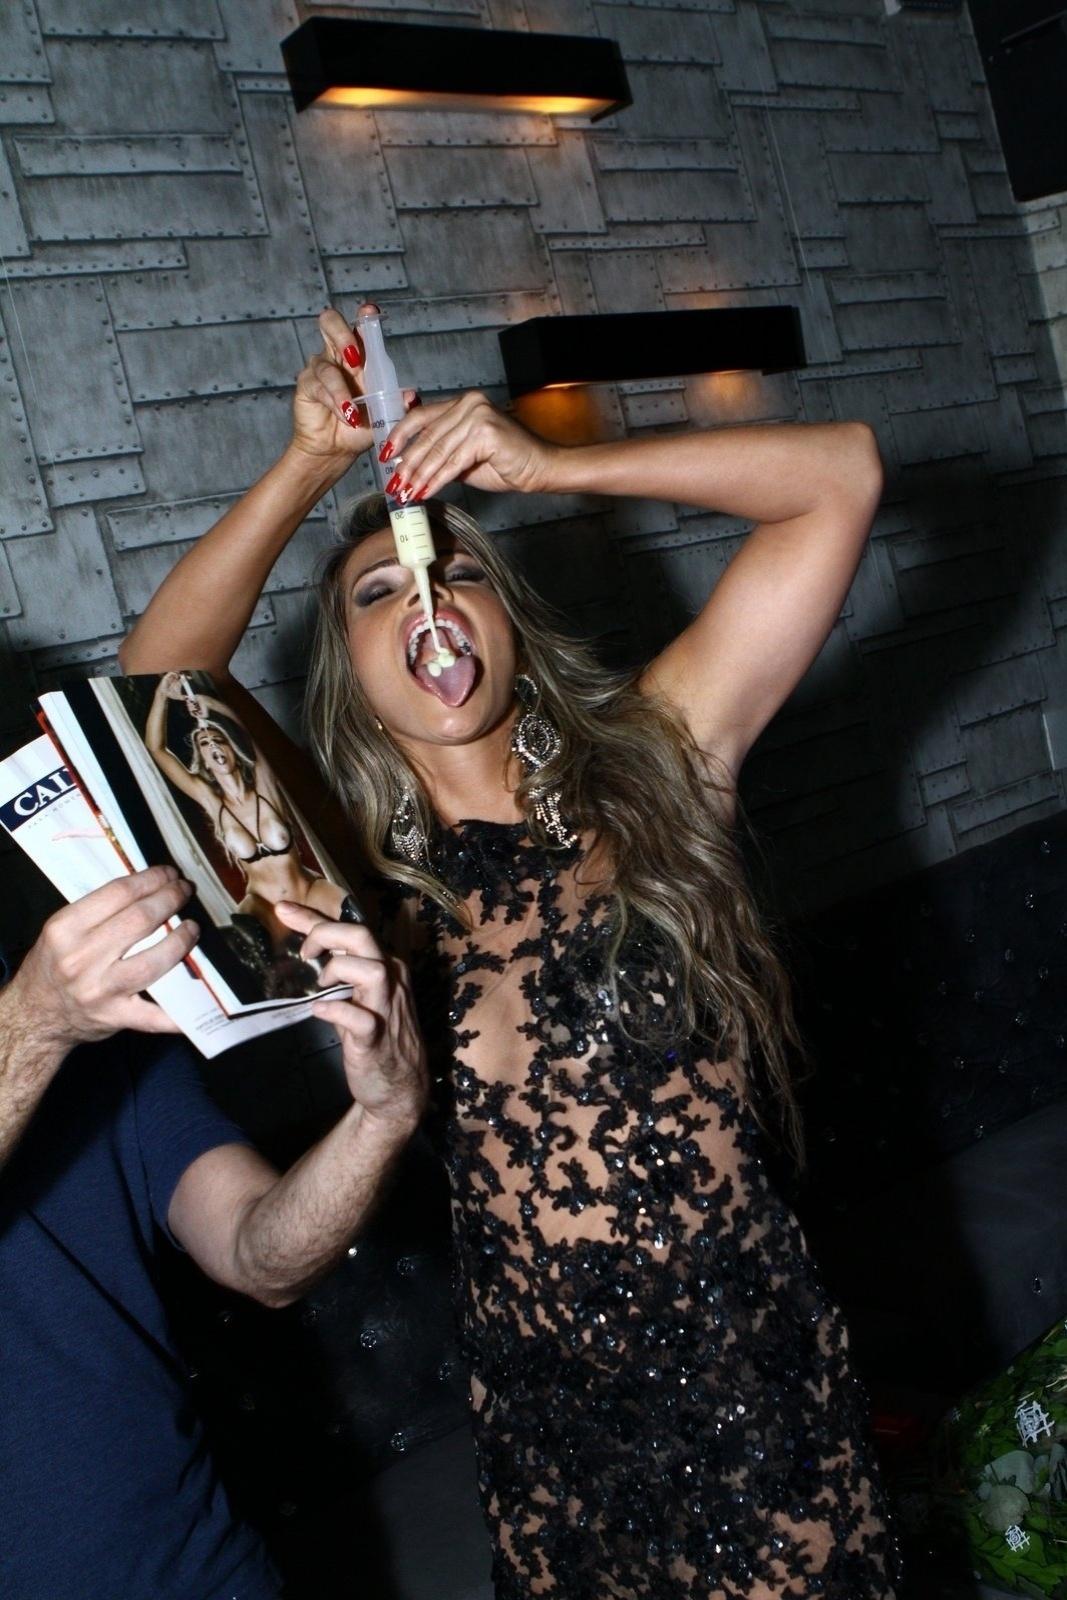 7.mai.2014 - Fani Pacheco repete a polêmica foto da revista da injeção com leite condensado na boca. A ex-BBB lança sua revista